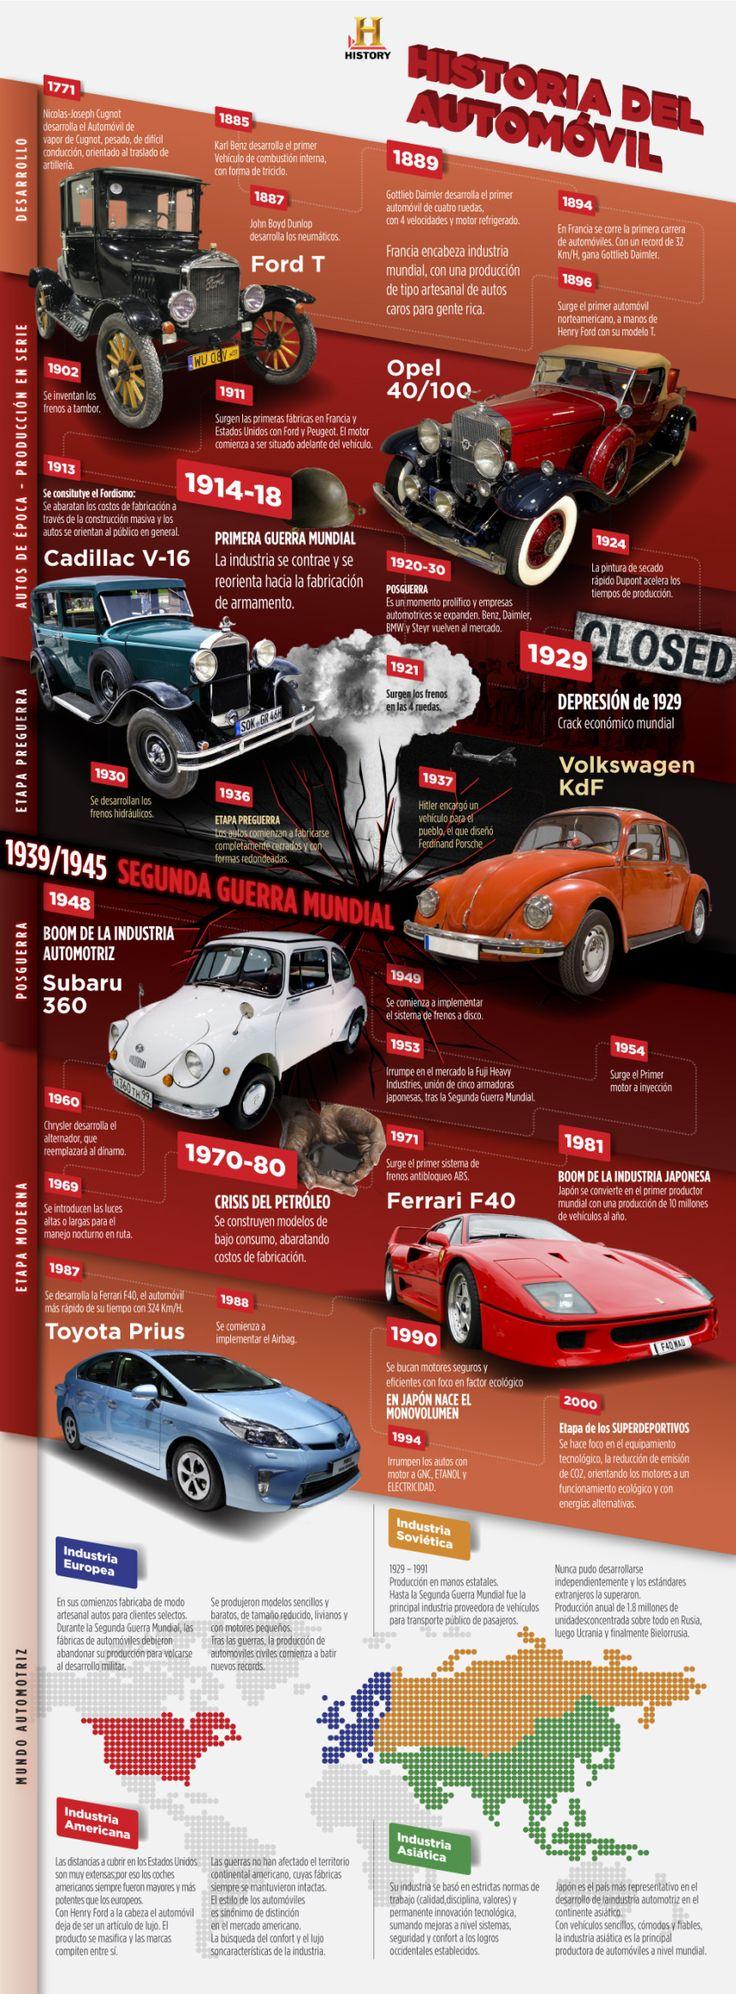 Mazda tribute el gasto de la gasolina